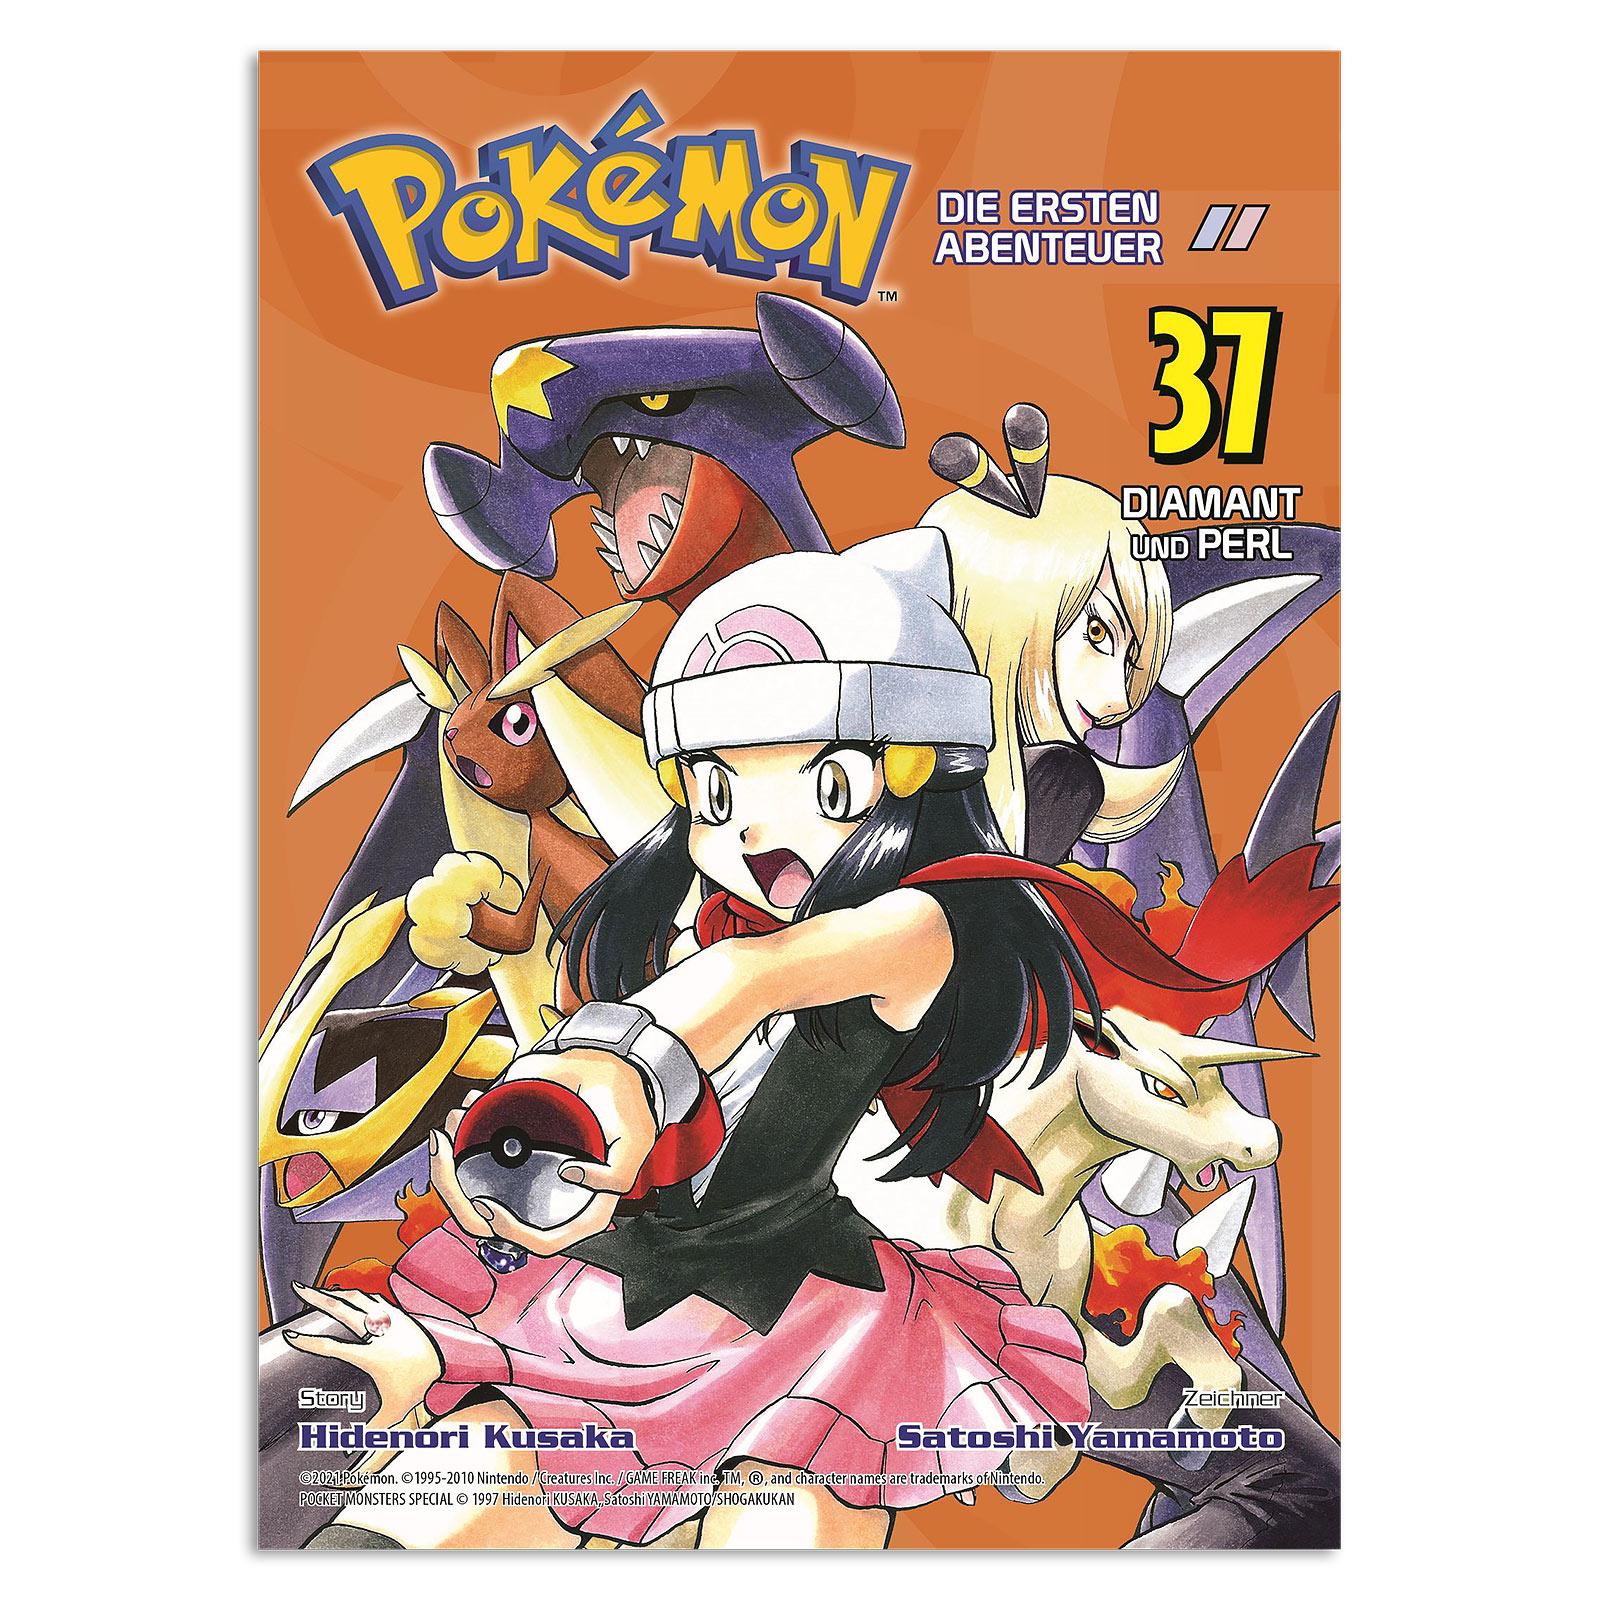 Pokémon - Die ersten Abenteuer Band 37 Taschenbücher